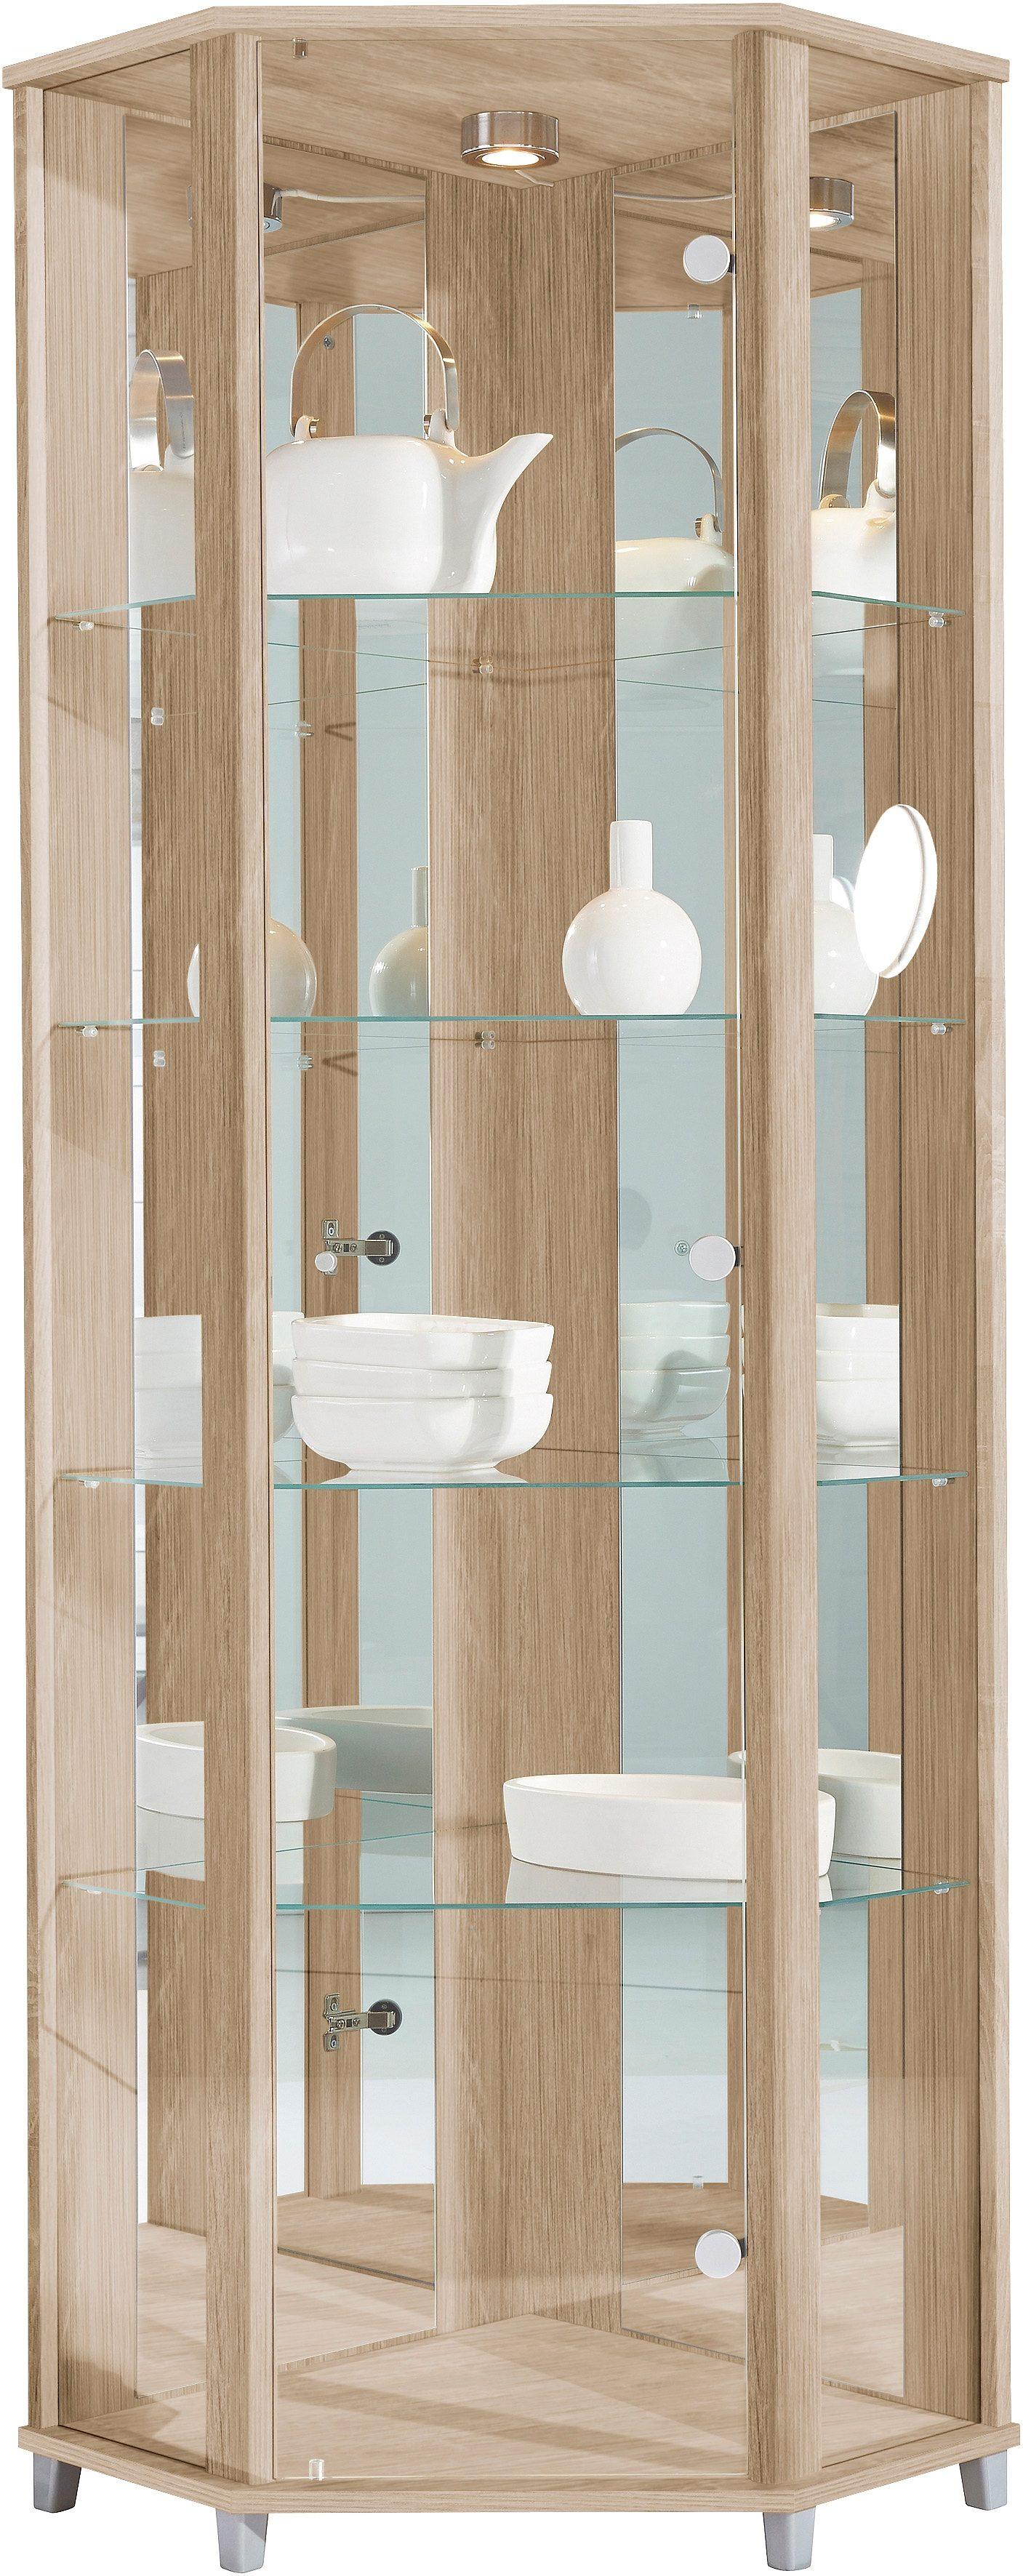 Eckvitrine, Höhe 172 cm, 4 Glasböden | Wohnzimmer > Vitrinen > Eckvitrinen | Braun | Melamin